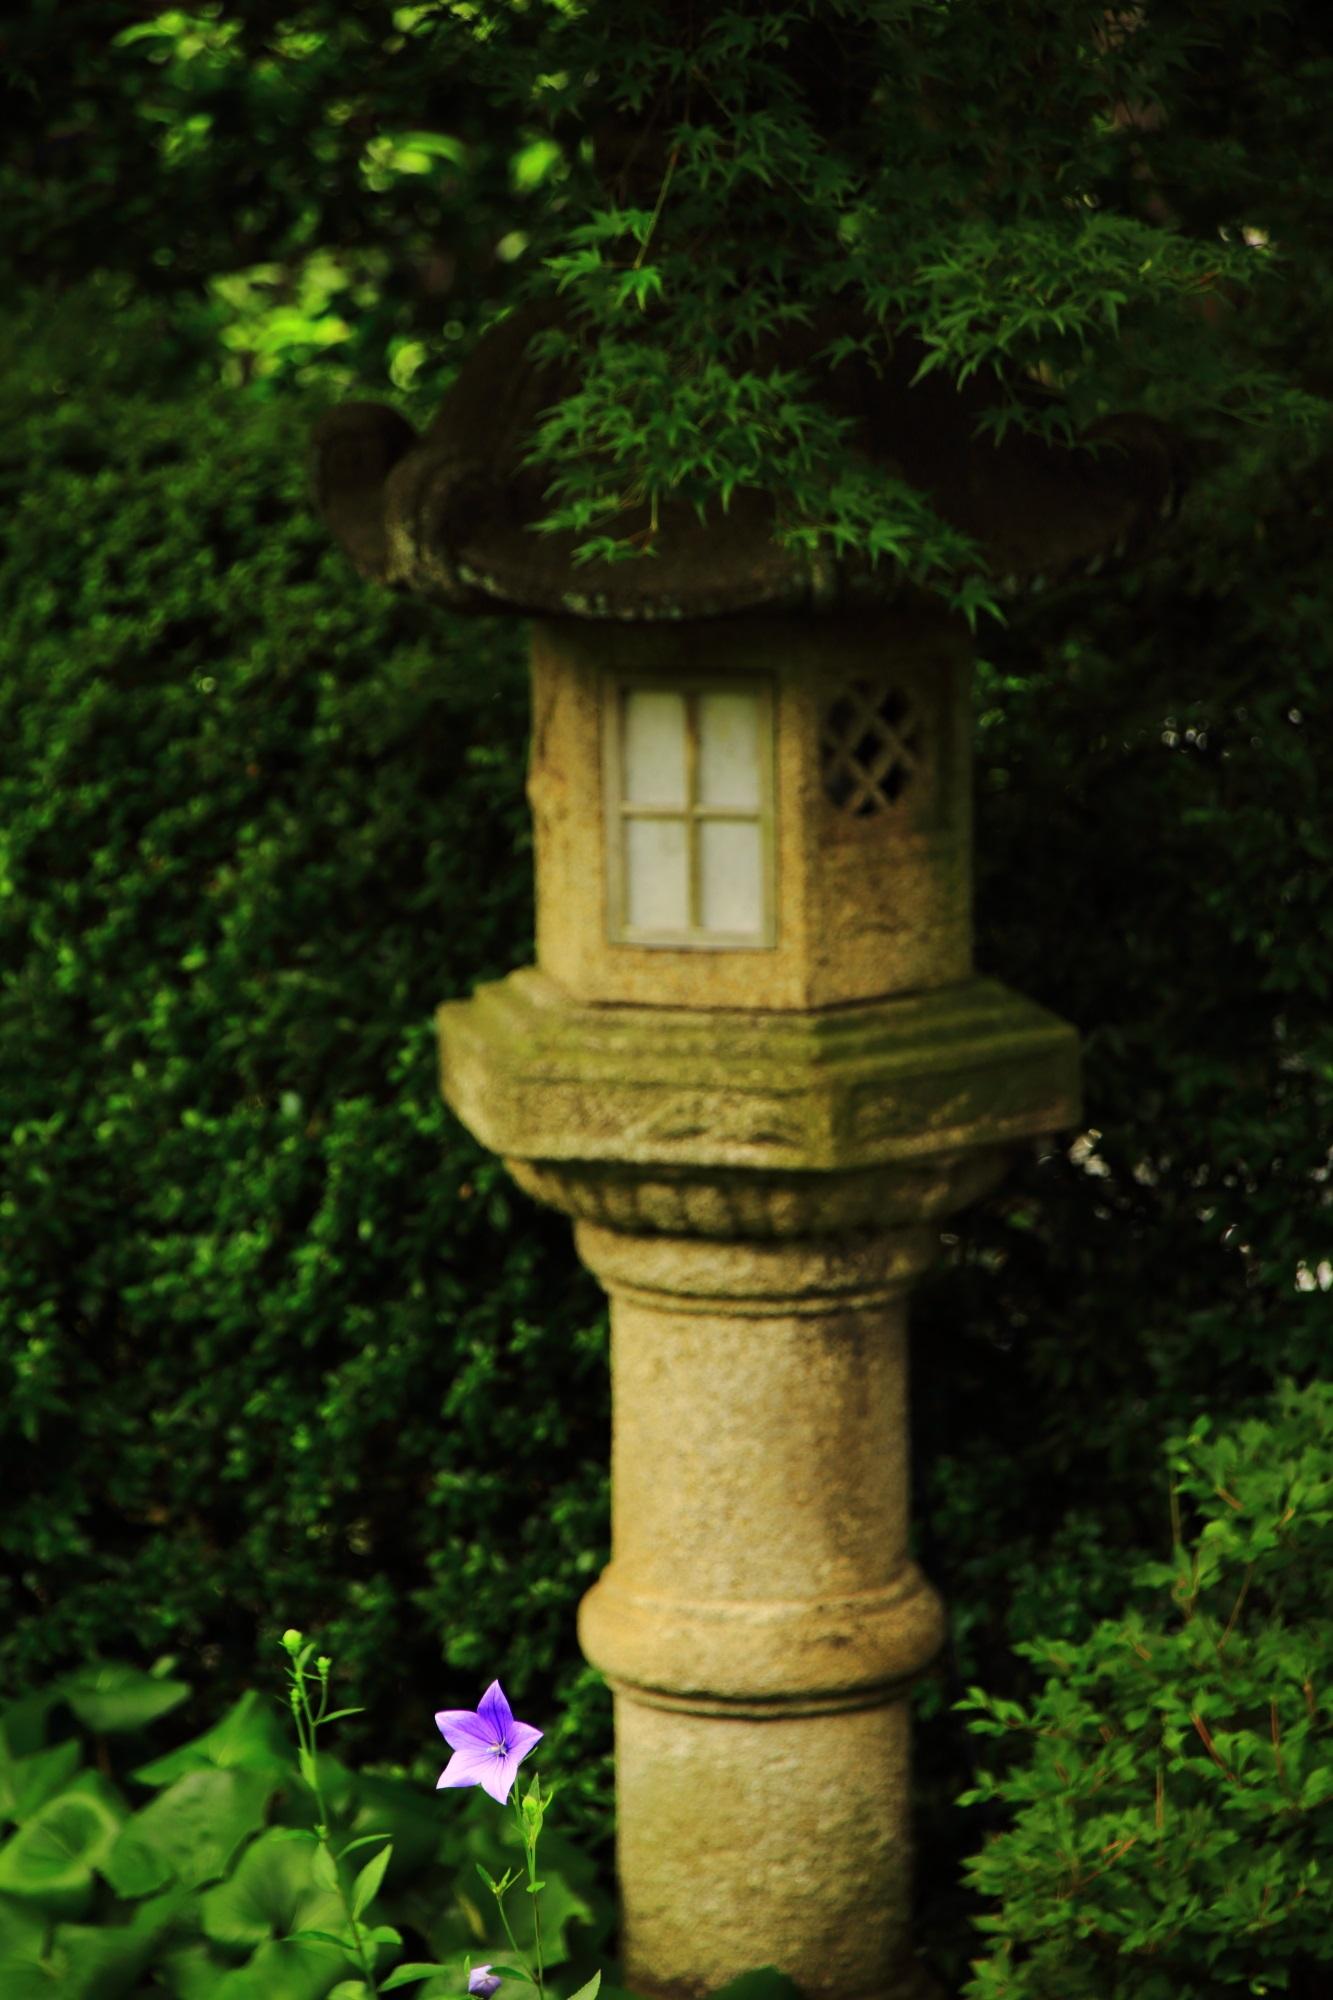 灯籠と青もみじの下で控えめに咲く桔梗の花